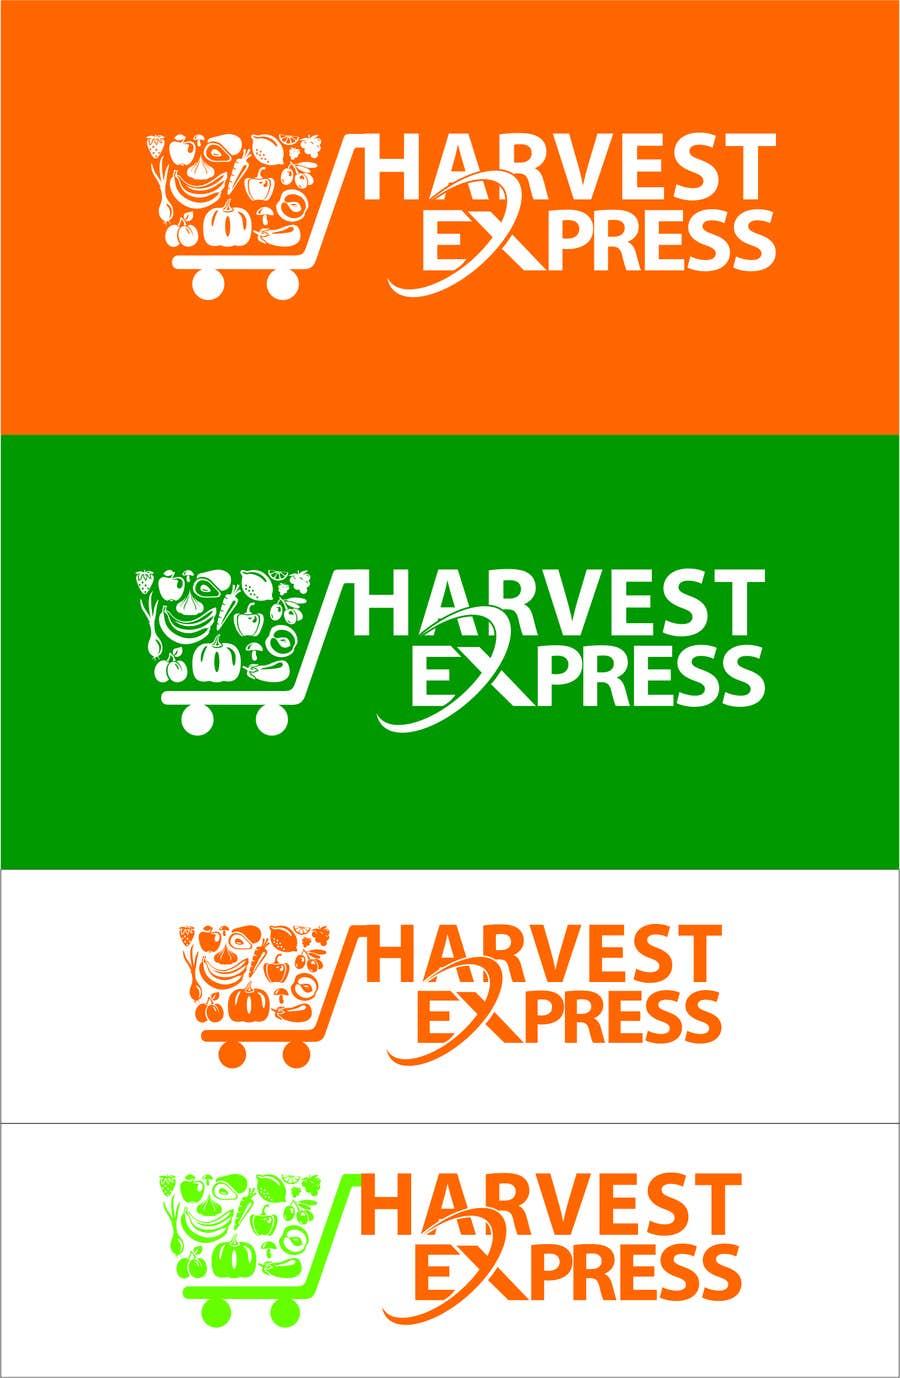 Inscrição nº 111 do Concurso para Design a Logo for Harvest Express